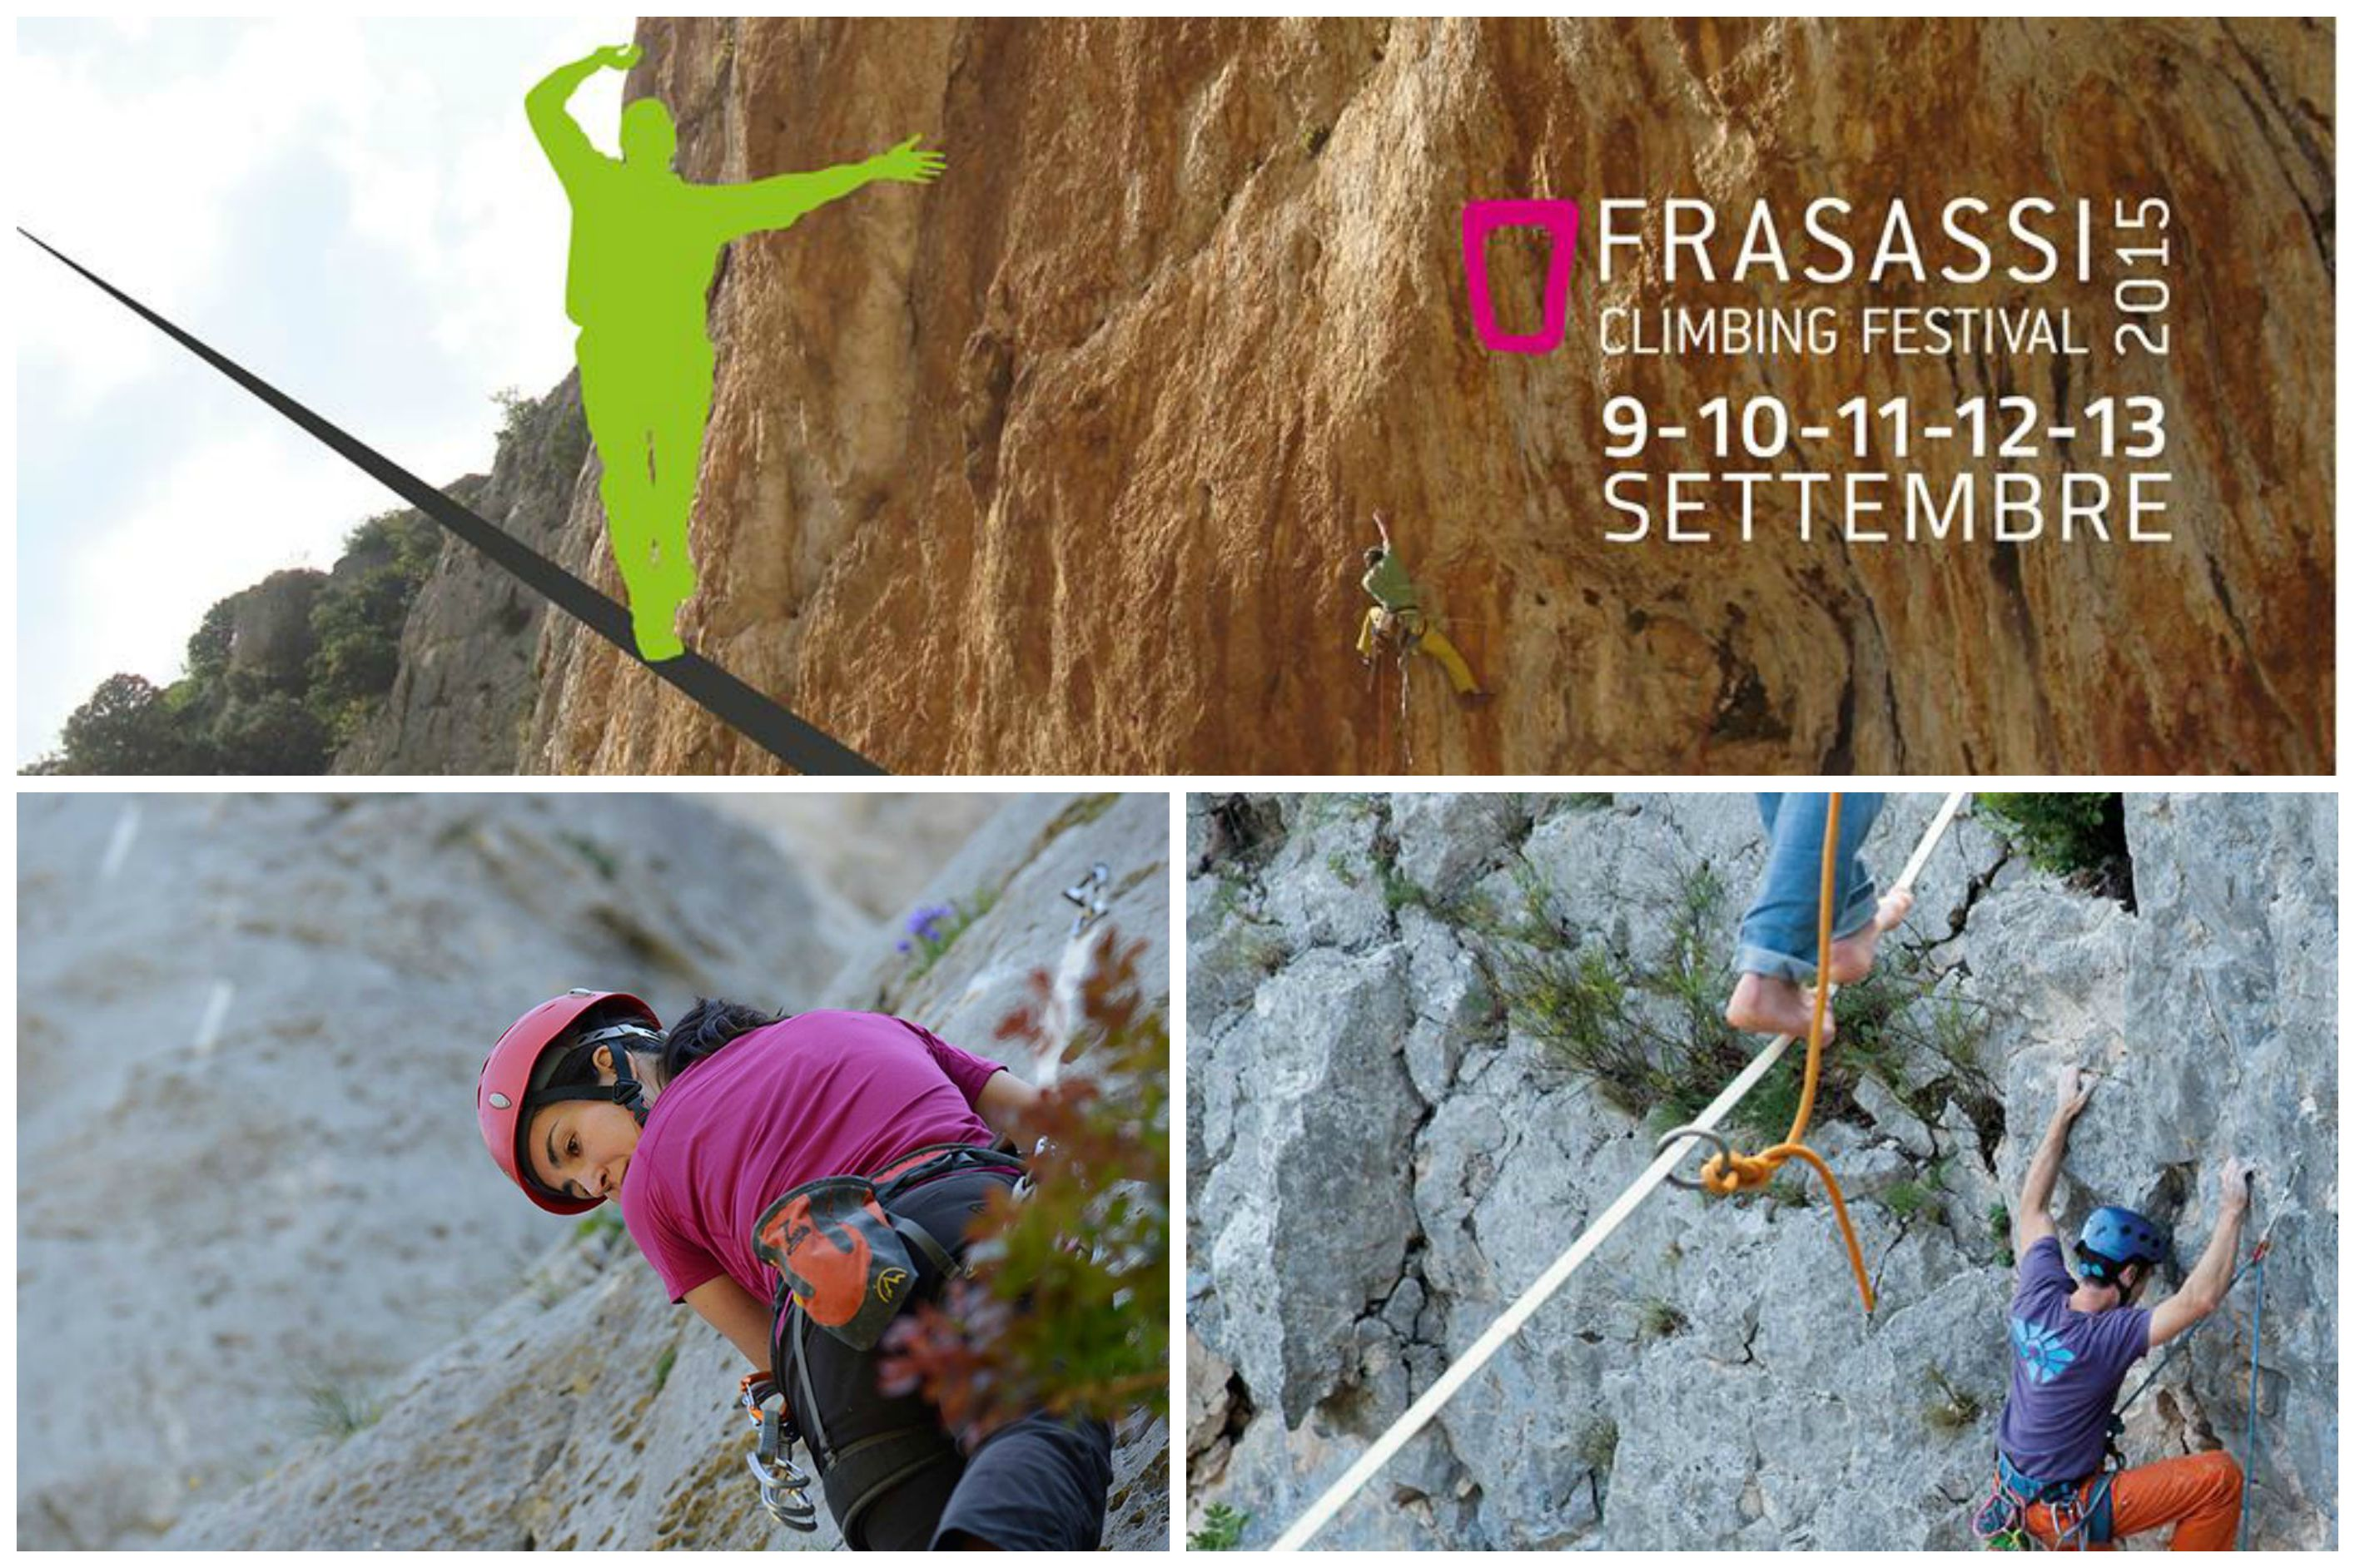 Frasassi Climbing Festival nel Parco Regionale della Gola della Rossa e Frasassi  (AN)